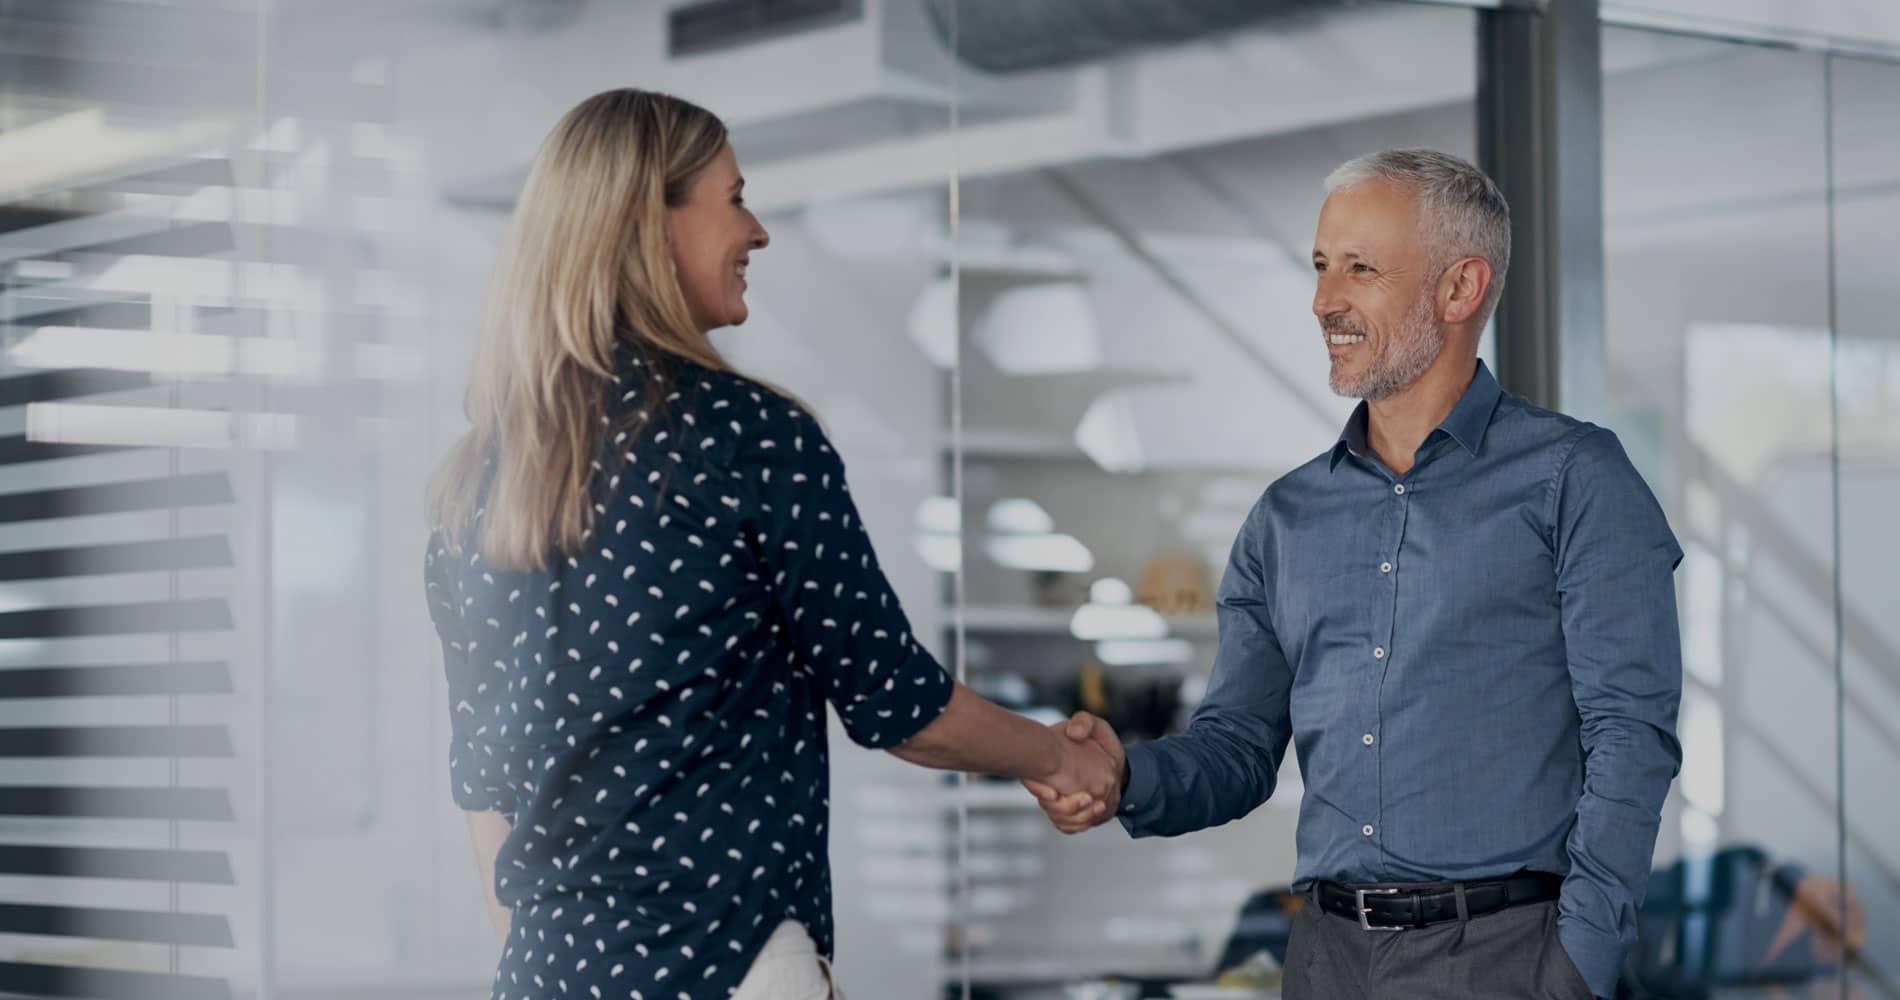 Achtsame Führung führt zu besseren Kundenkontakte